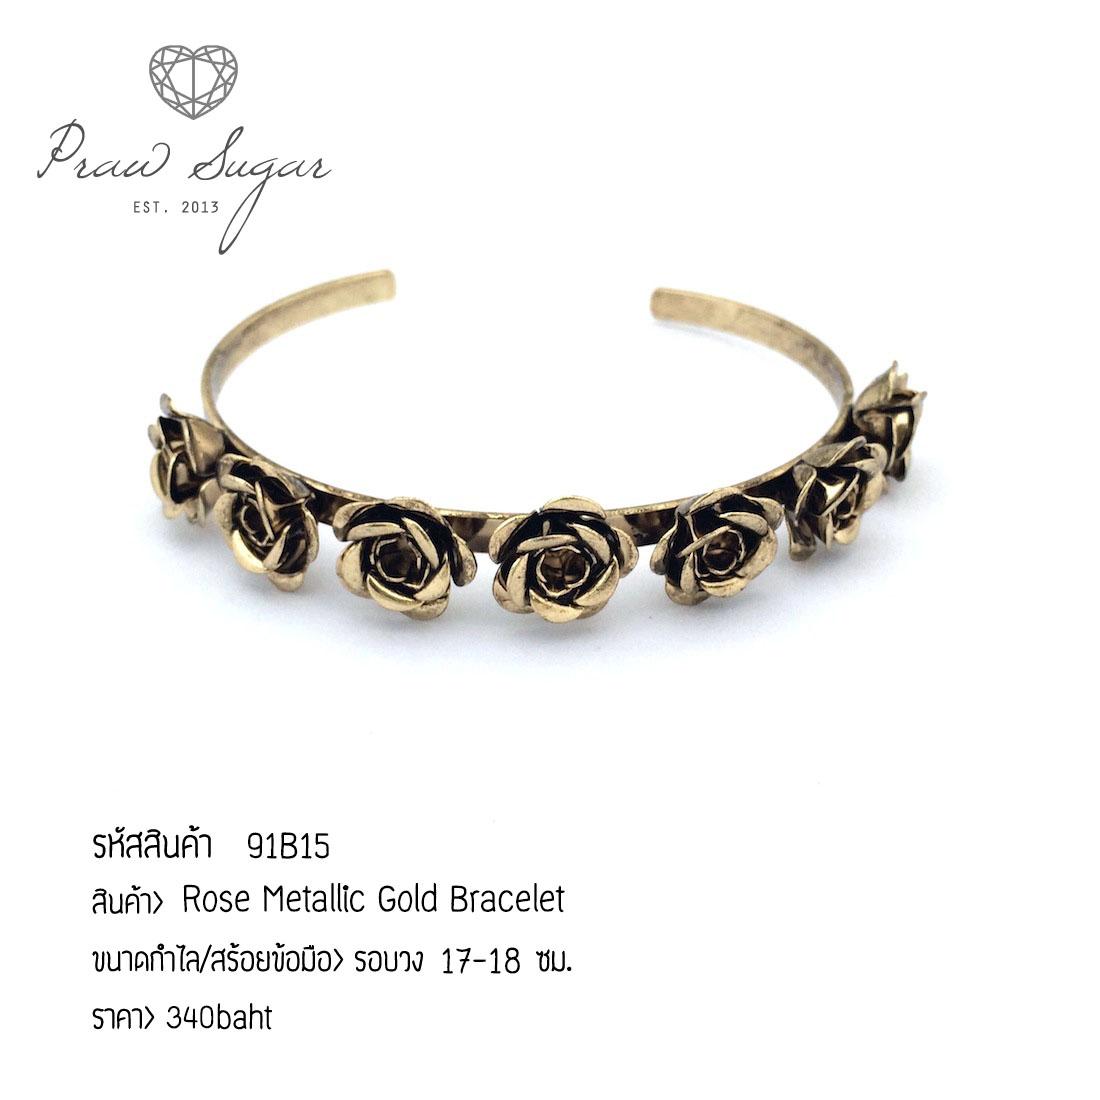 Rose Metallic Gold Bracelet